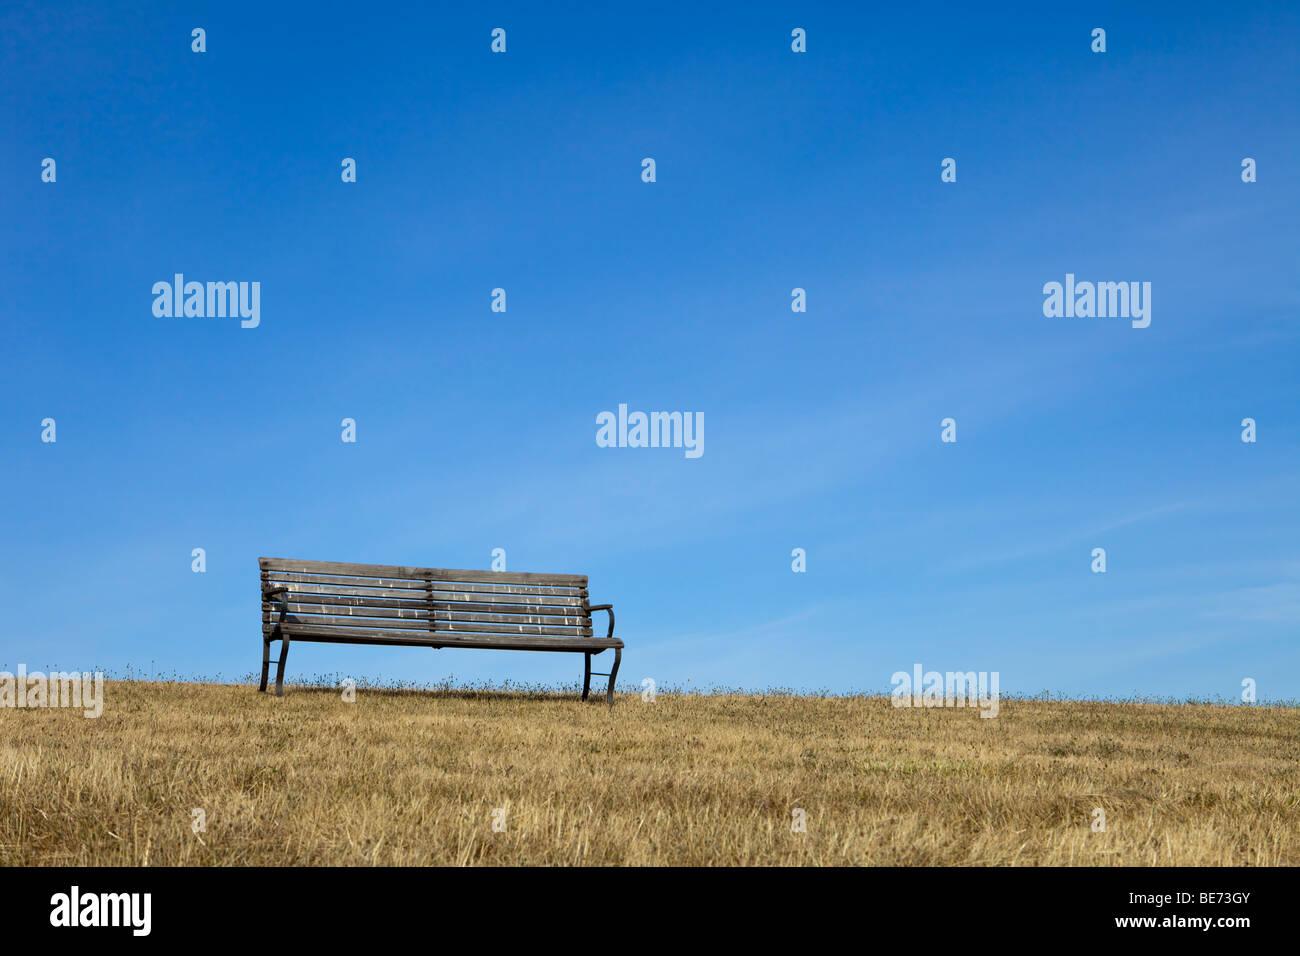 Un banco del parque vacío de madera de hierba seca se perfila contra un cielo azul con nubes de luz. Imagen De Stock